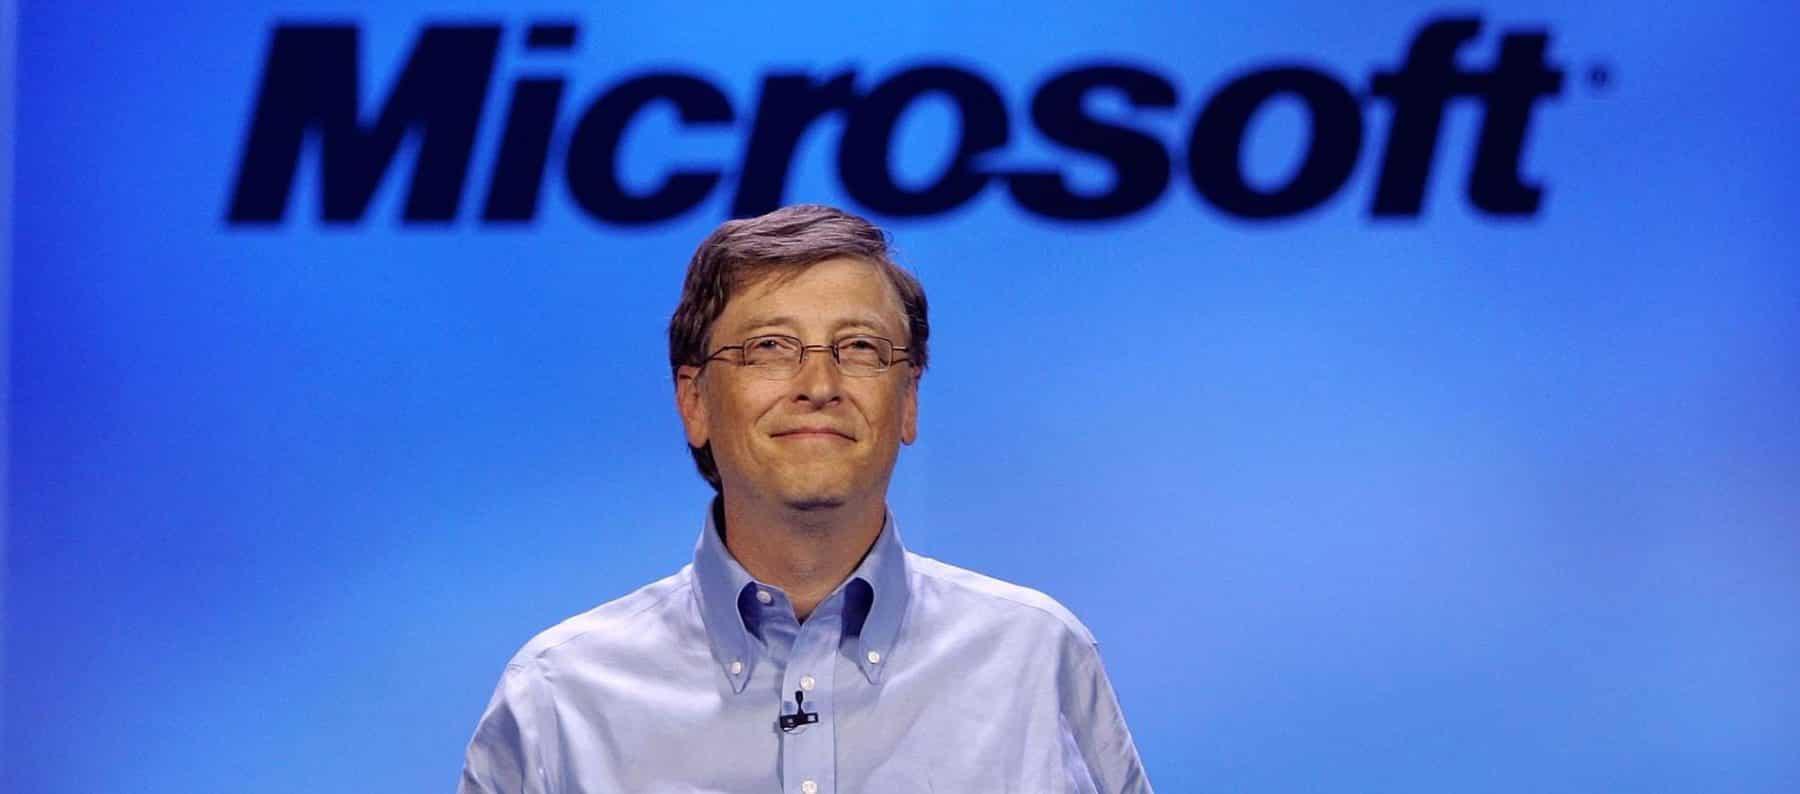 Las claves secretas del CEO de Microsoft para el éxito laboral.